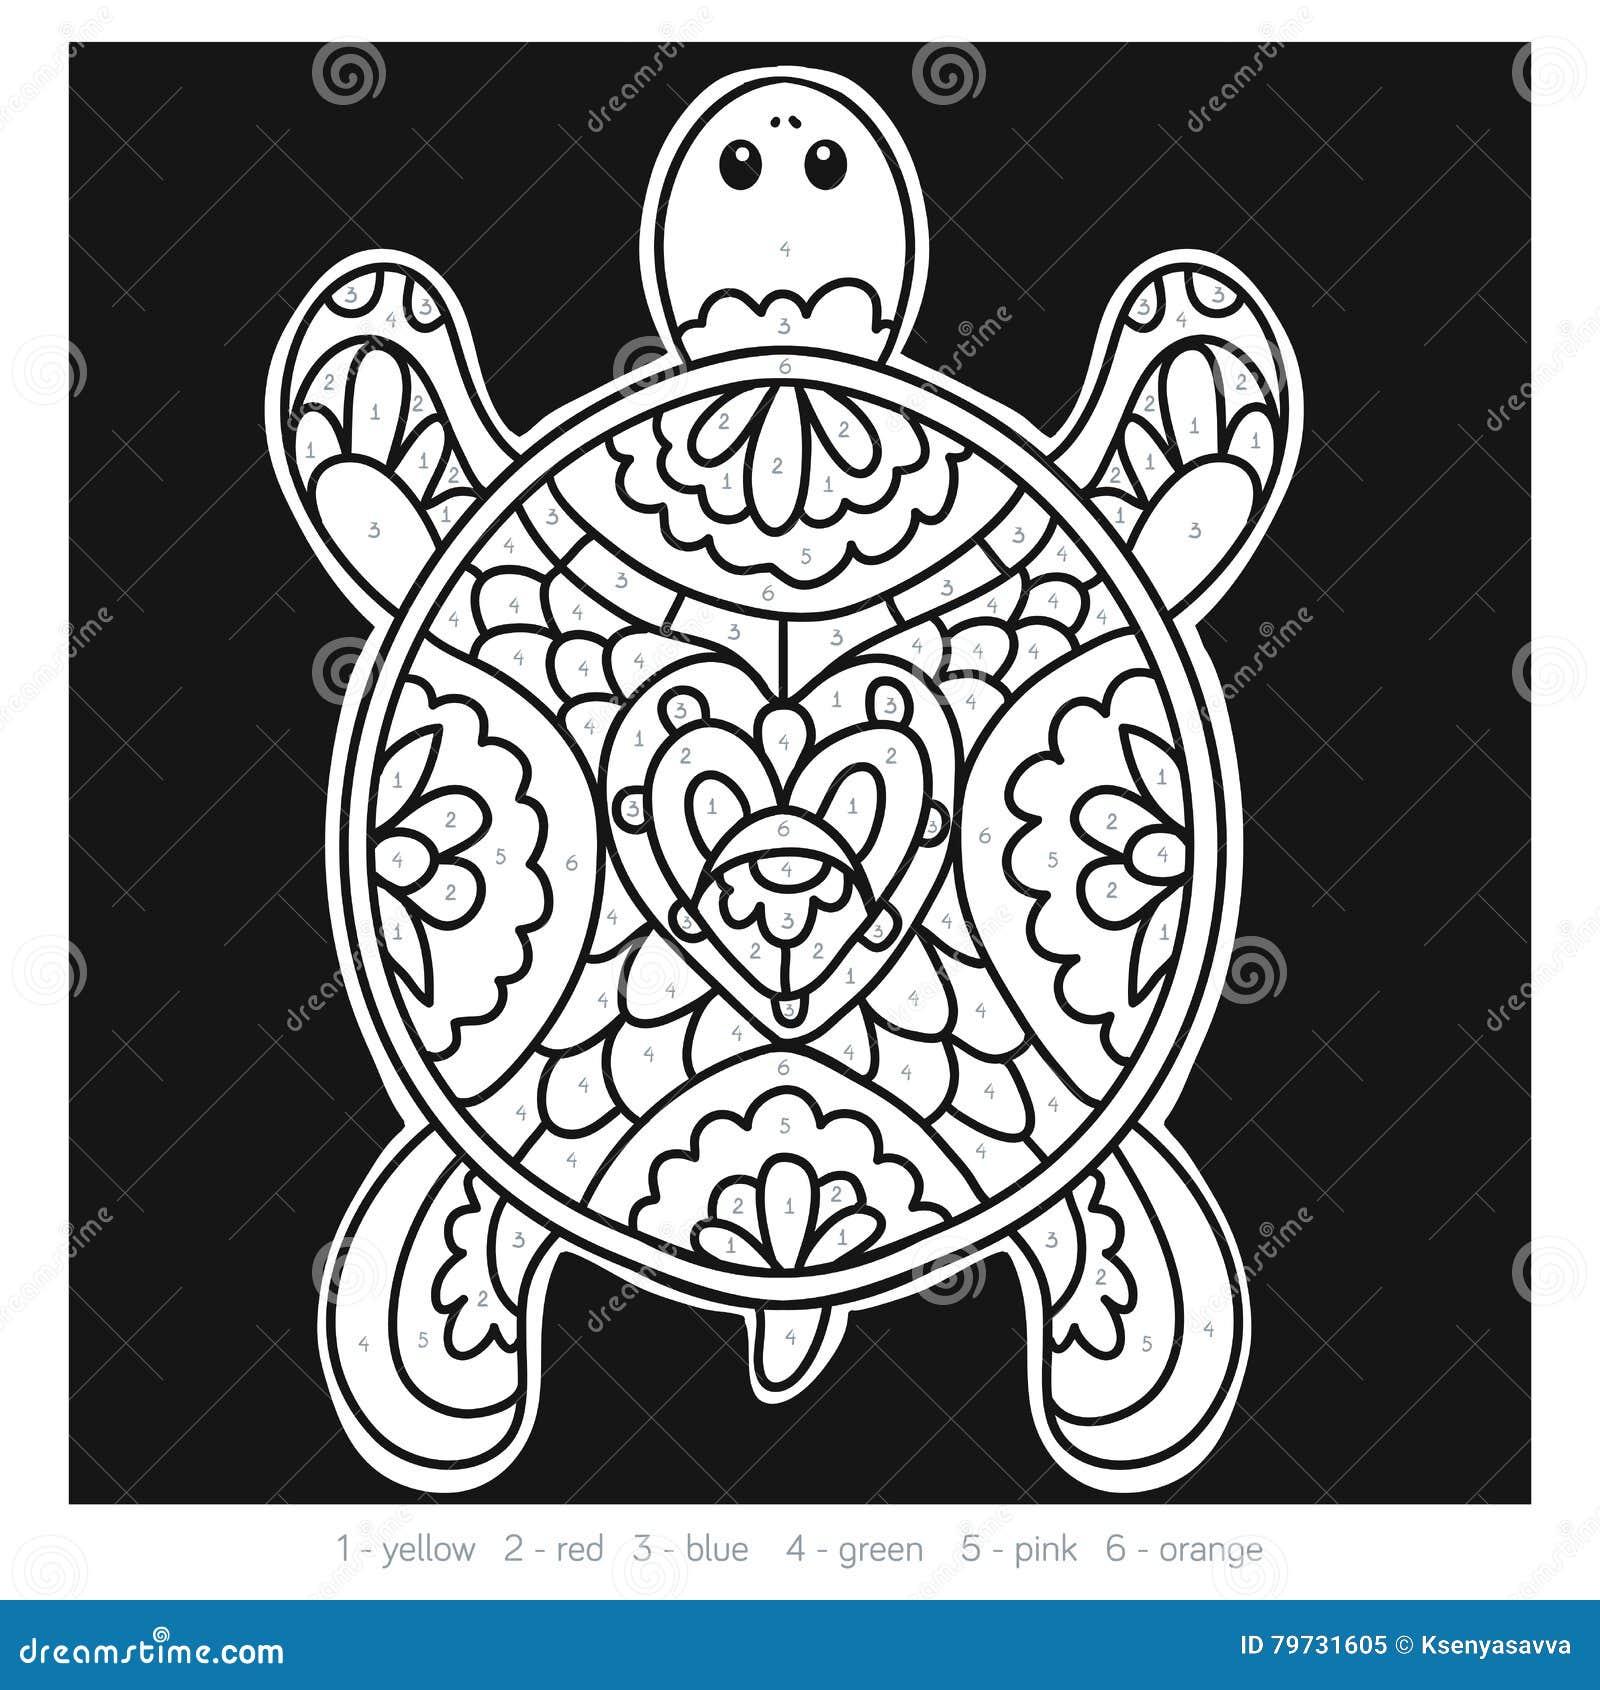 Wunderbar Schildkröte Zu Färben Ideen - Beispielzusammenfassung ...